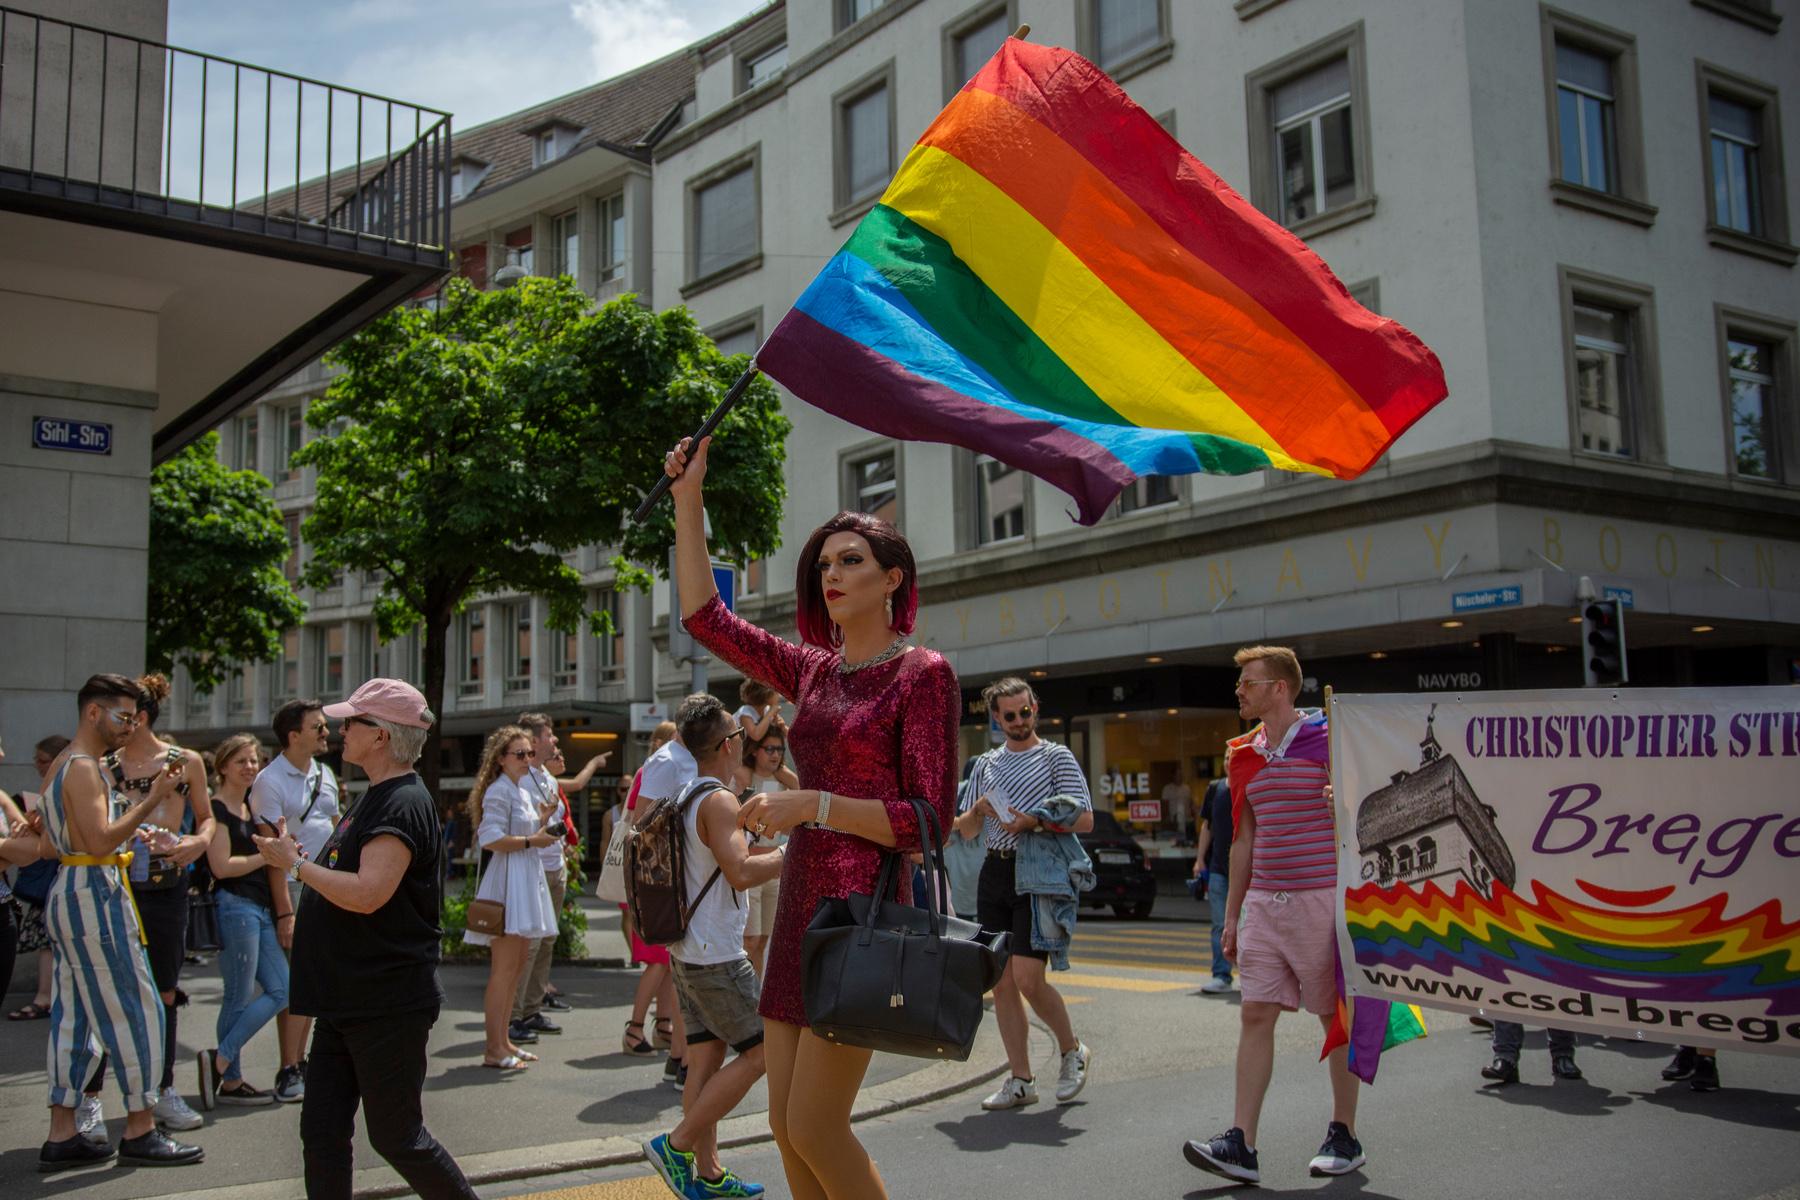 Zurich Pride in 2019